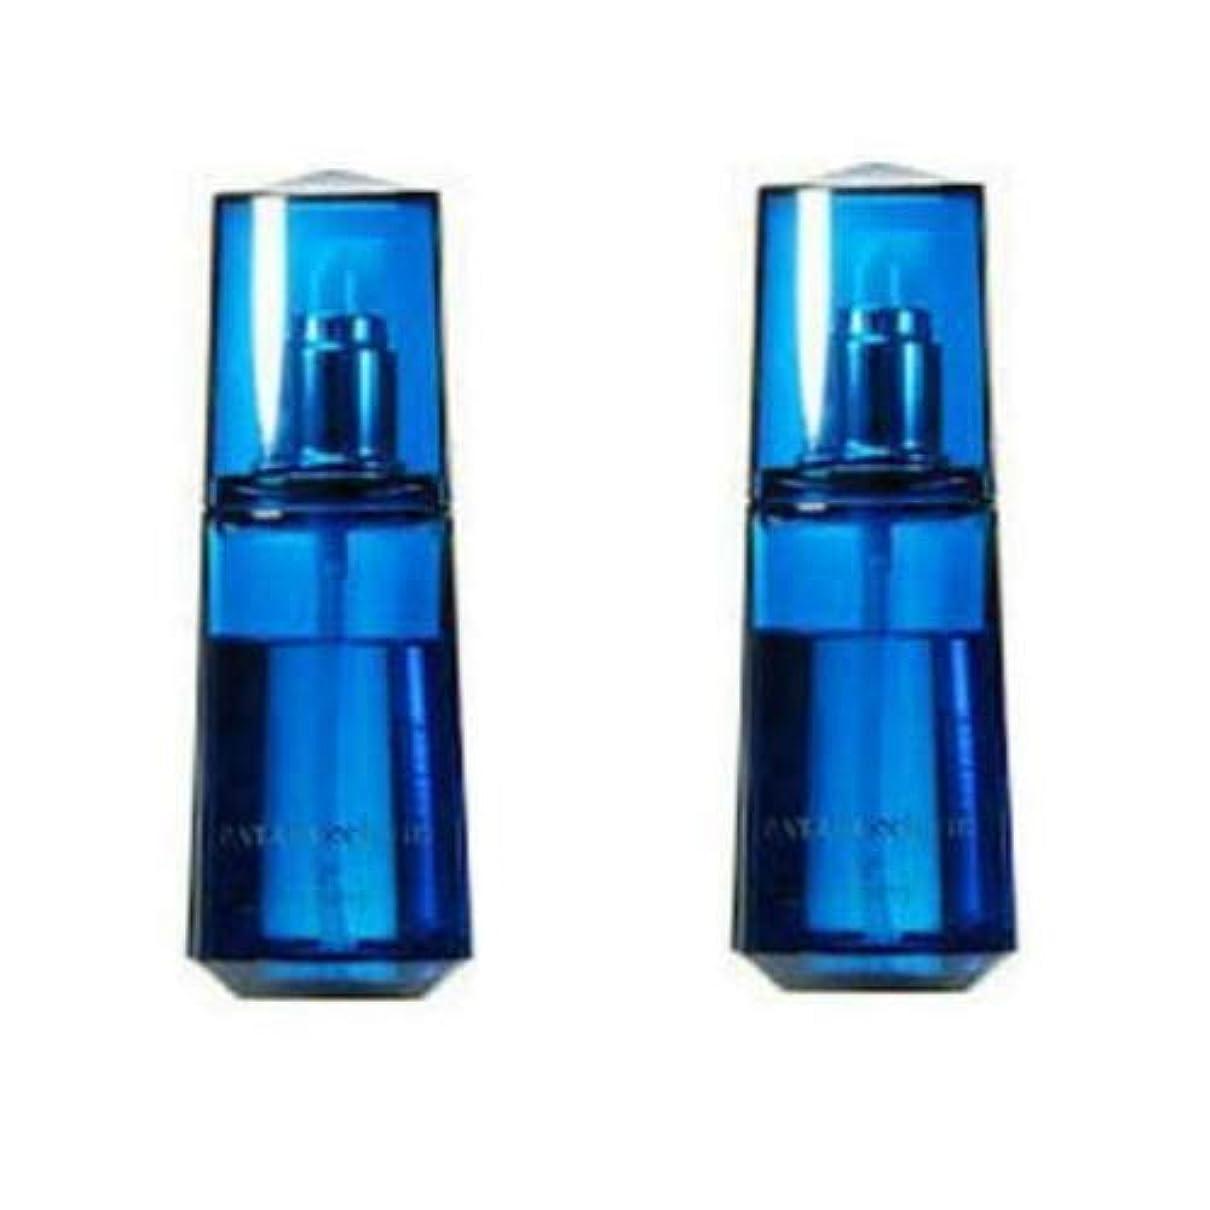 キウイ花瓶衣装【X2個セット】 デミ パタゴニックオイル カテドラル スムース 100ml 容器入り